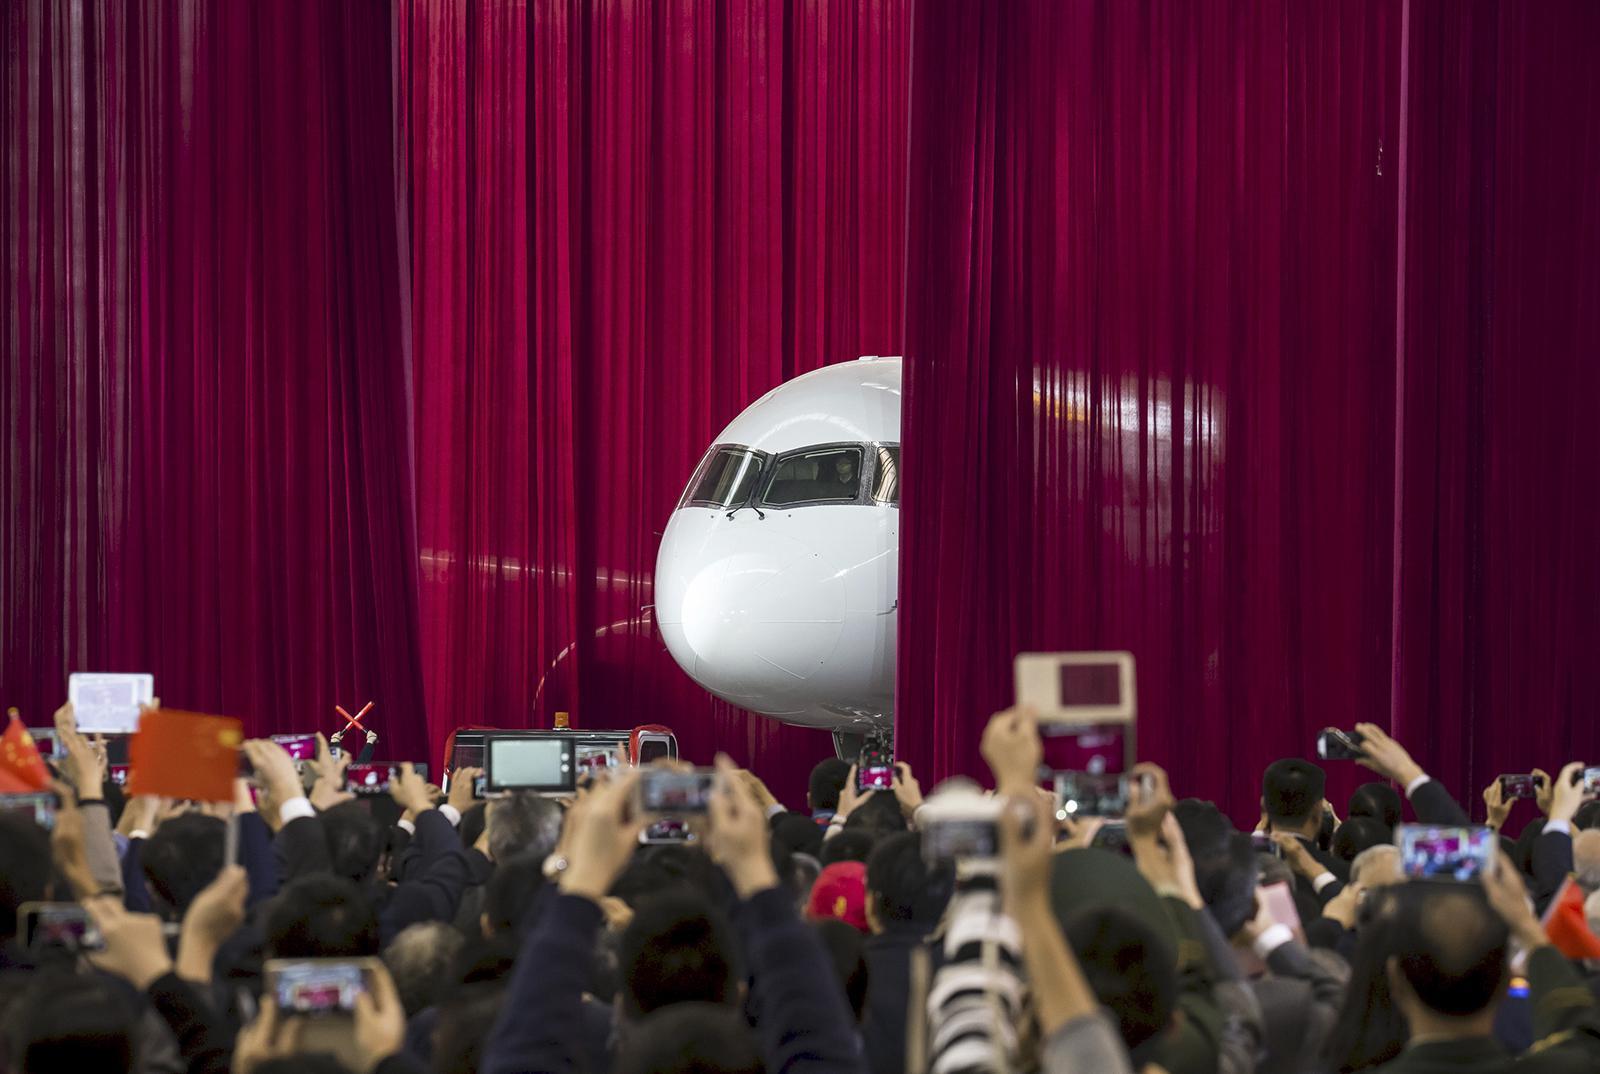 Čínské dopravní letadlo COMAC C919 chce konkurovat obrům z dílny Airbus a Boeing.